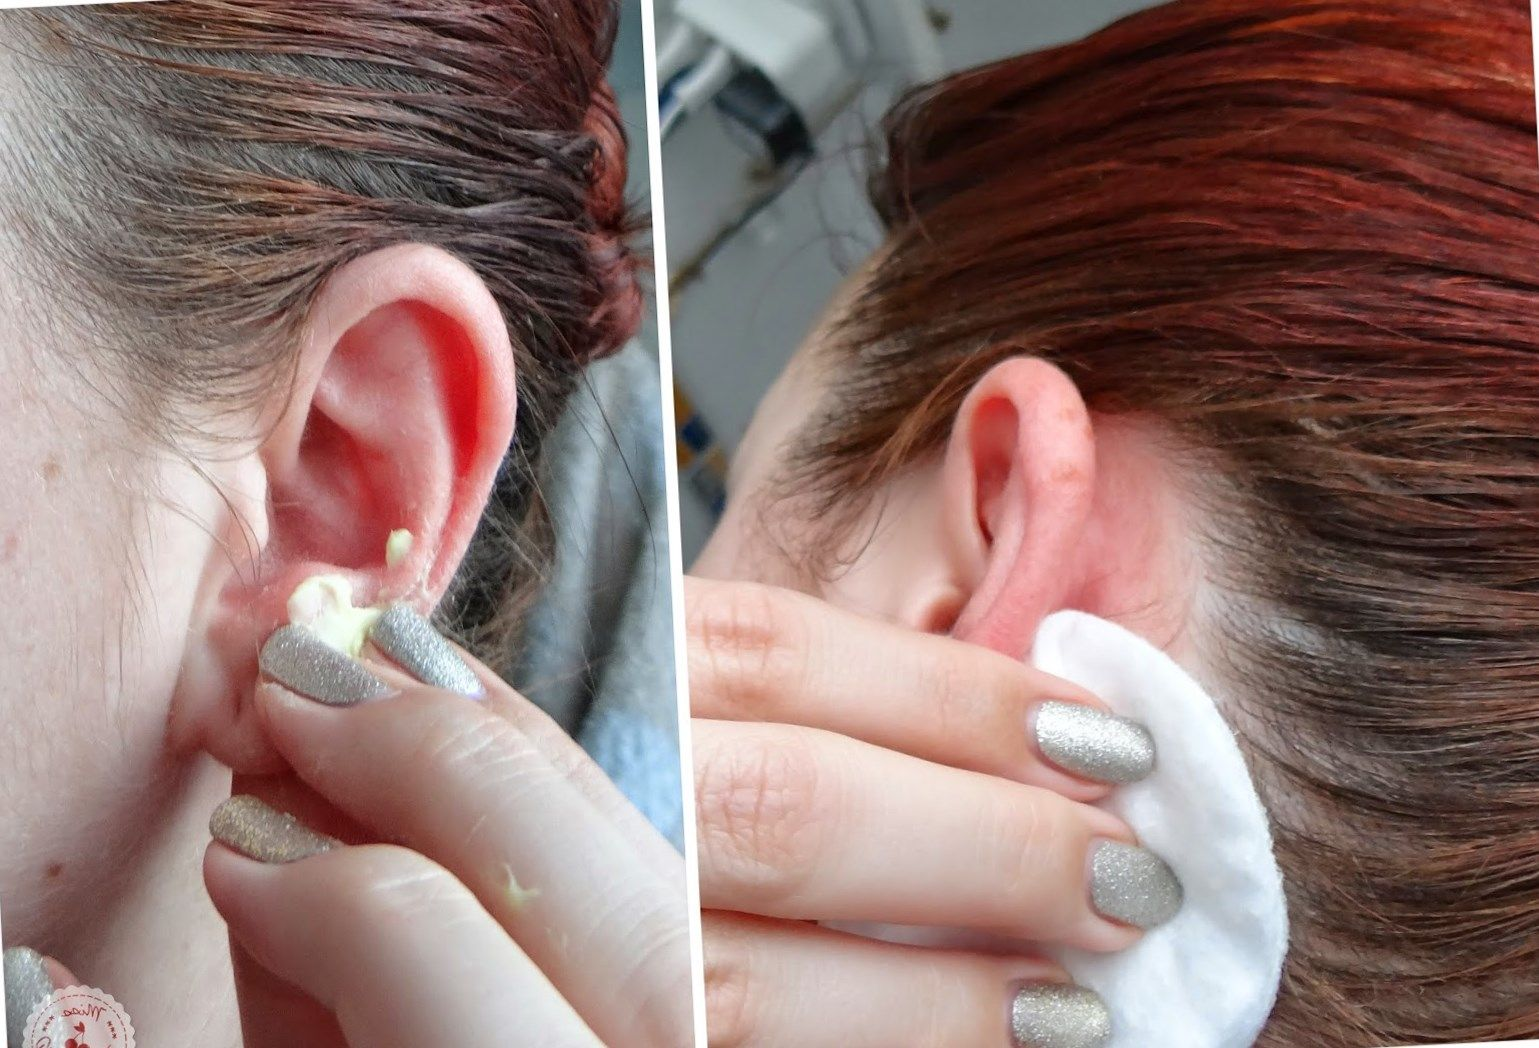 Haarfarbe entfernen haut - http://schoenheit-ideen.info/haarfarbe-entfernen-haut-356/. #frisuren #frisurentrends #Frisurentrends2017 #NeueLooks